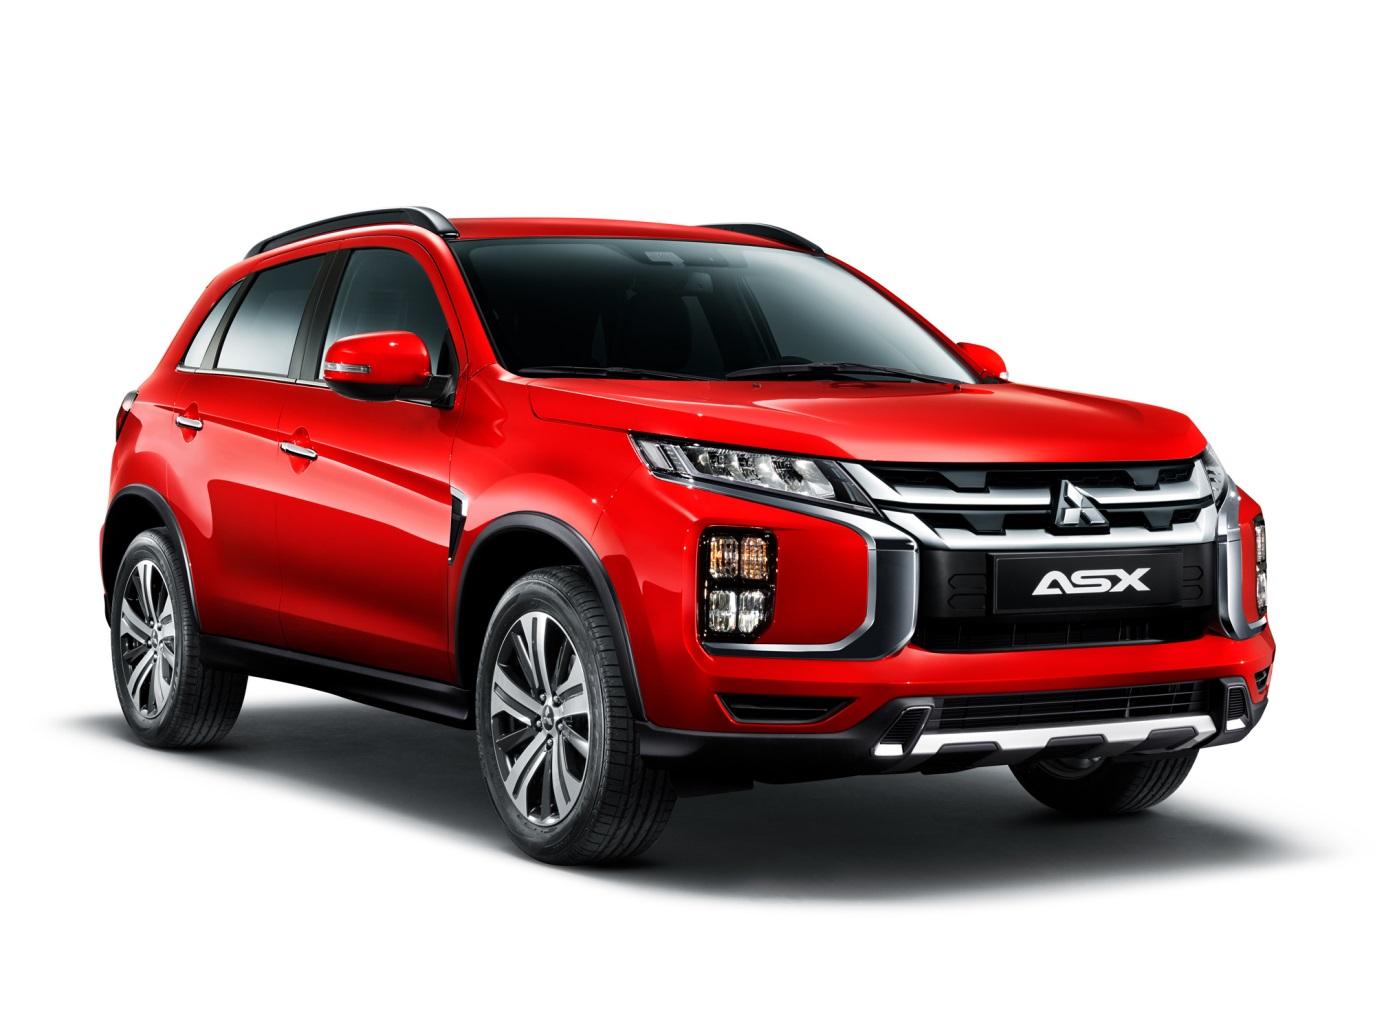 C:\Users\Jialing\Desktop\20190306\20190306\635-Car Guide\ASX-half\5c62ba84ec05c4fa0e00002e.jpg